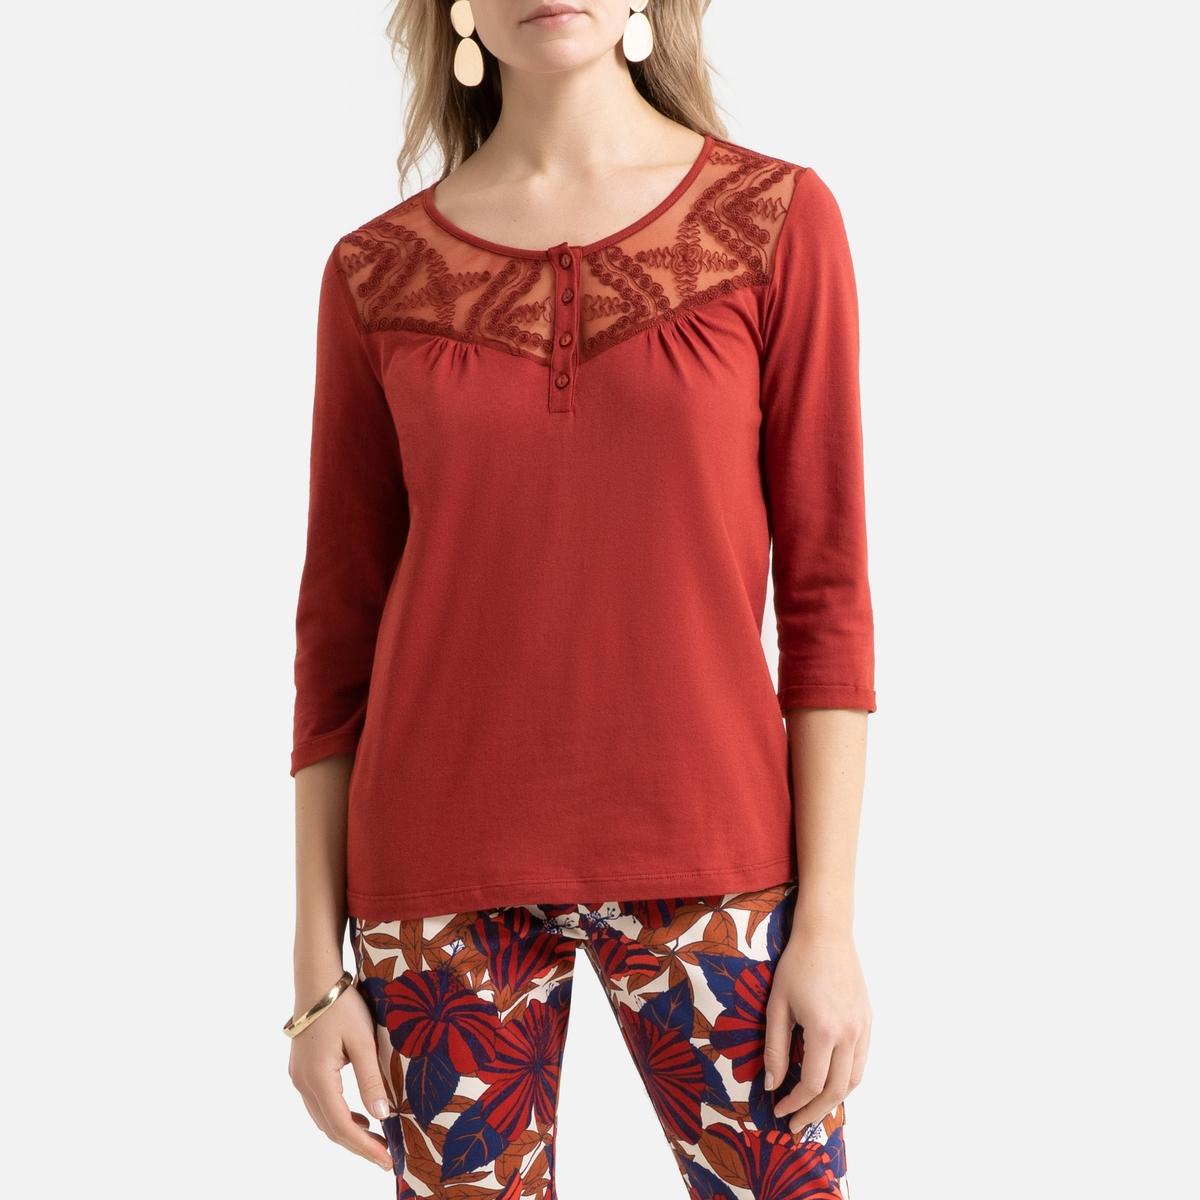 T-shirt de gola redonda, detalhes em renda